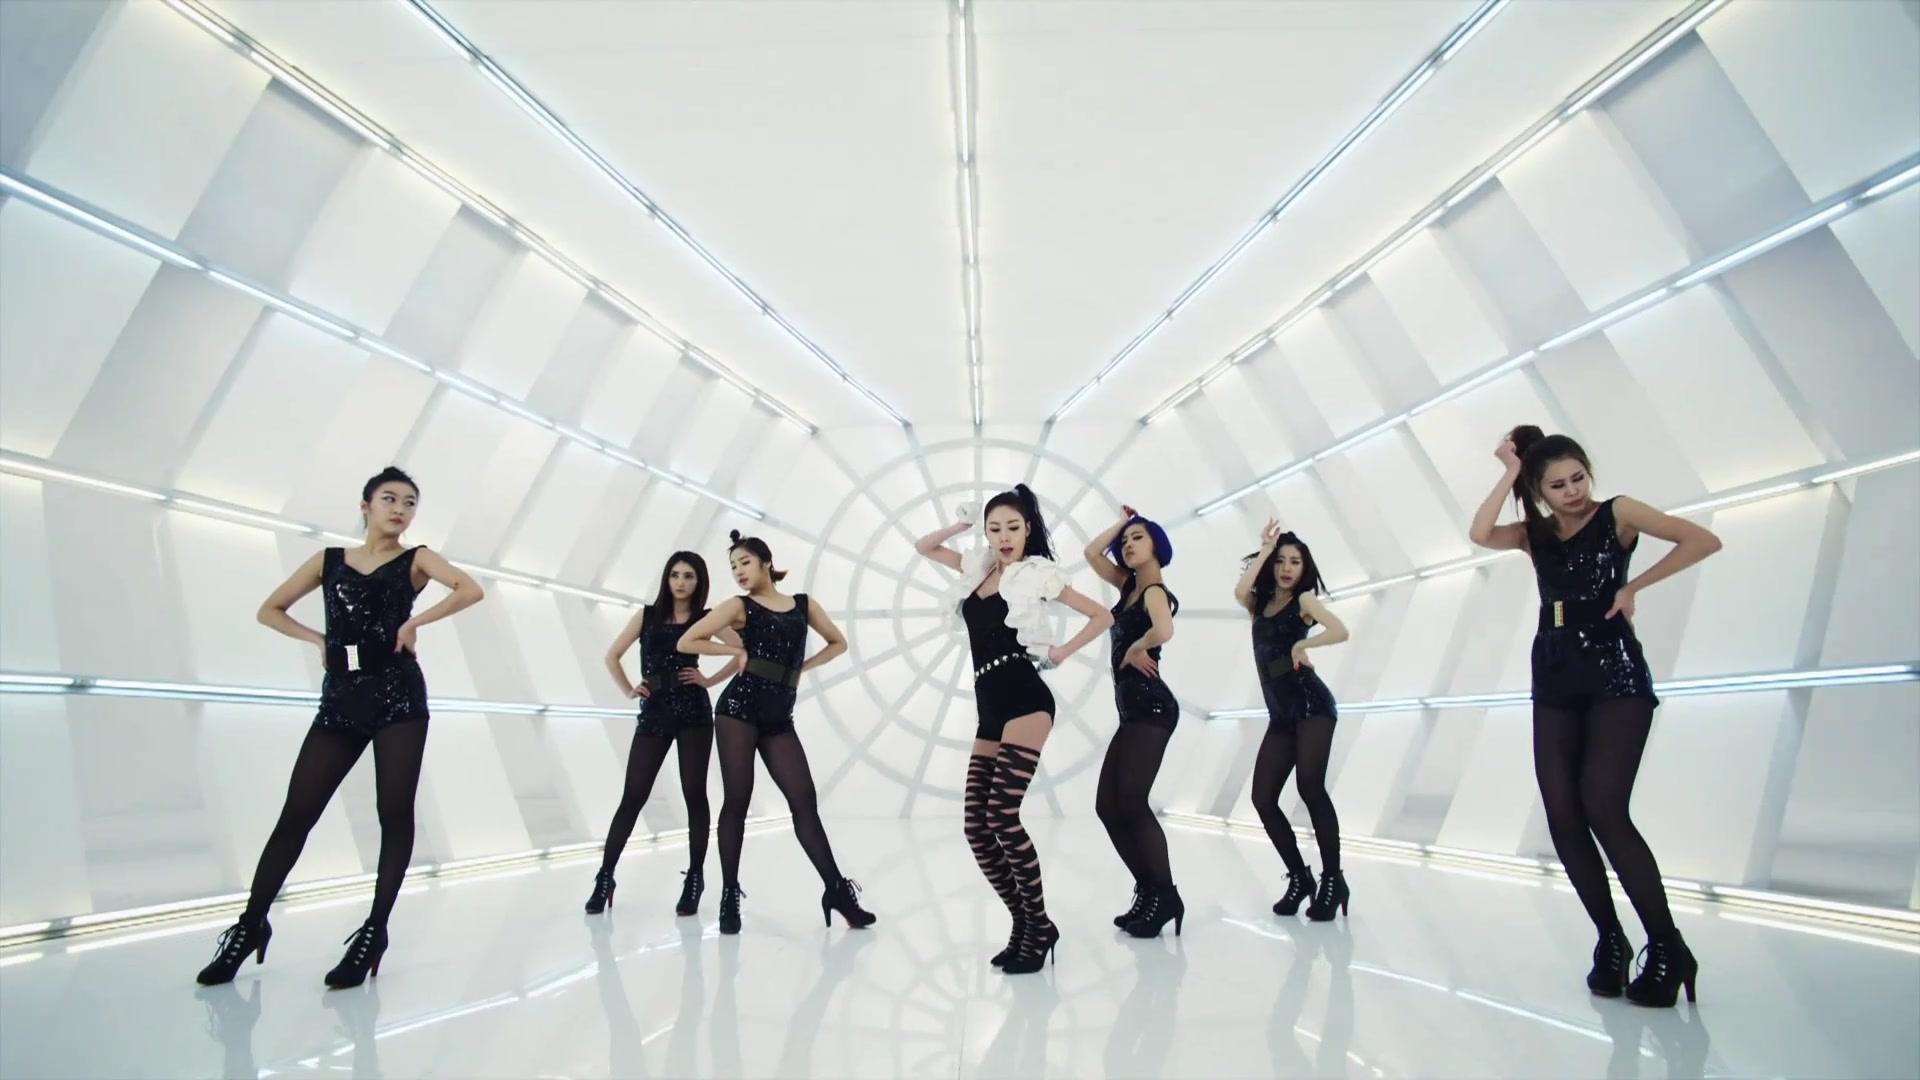 超性感韩国美女热舞mv这个歌名叫什么